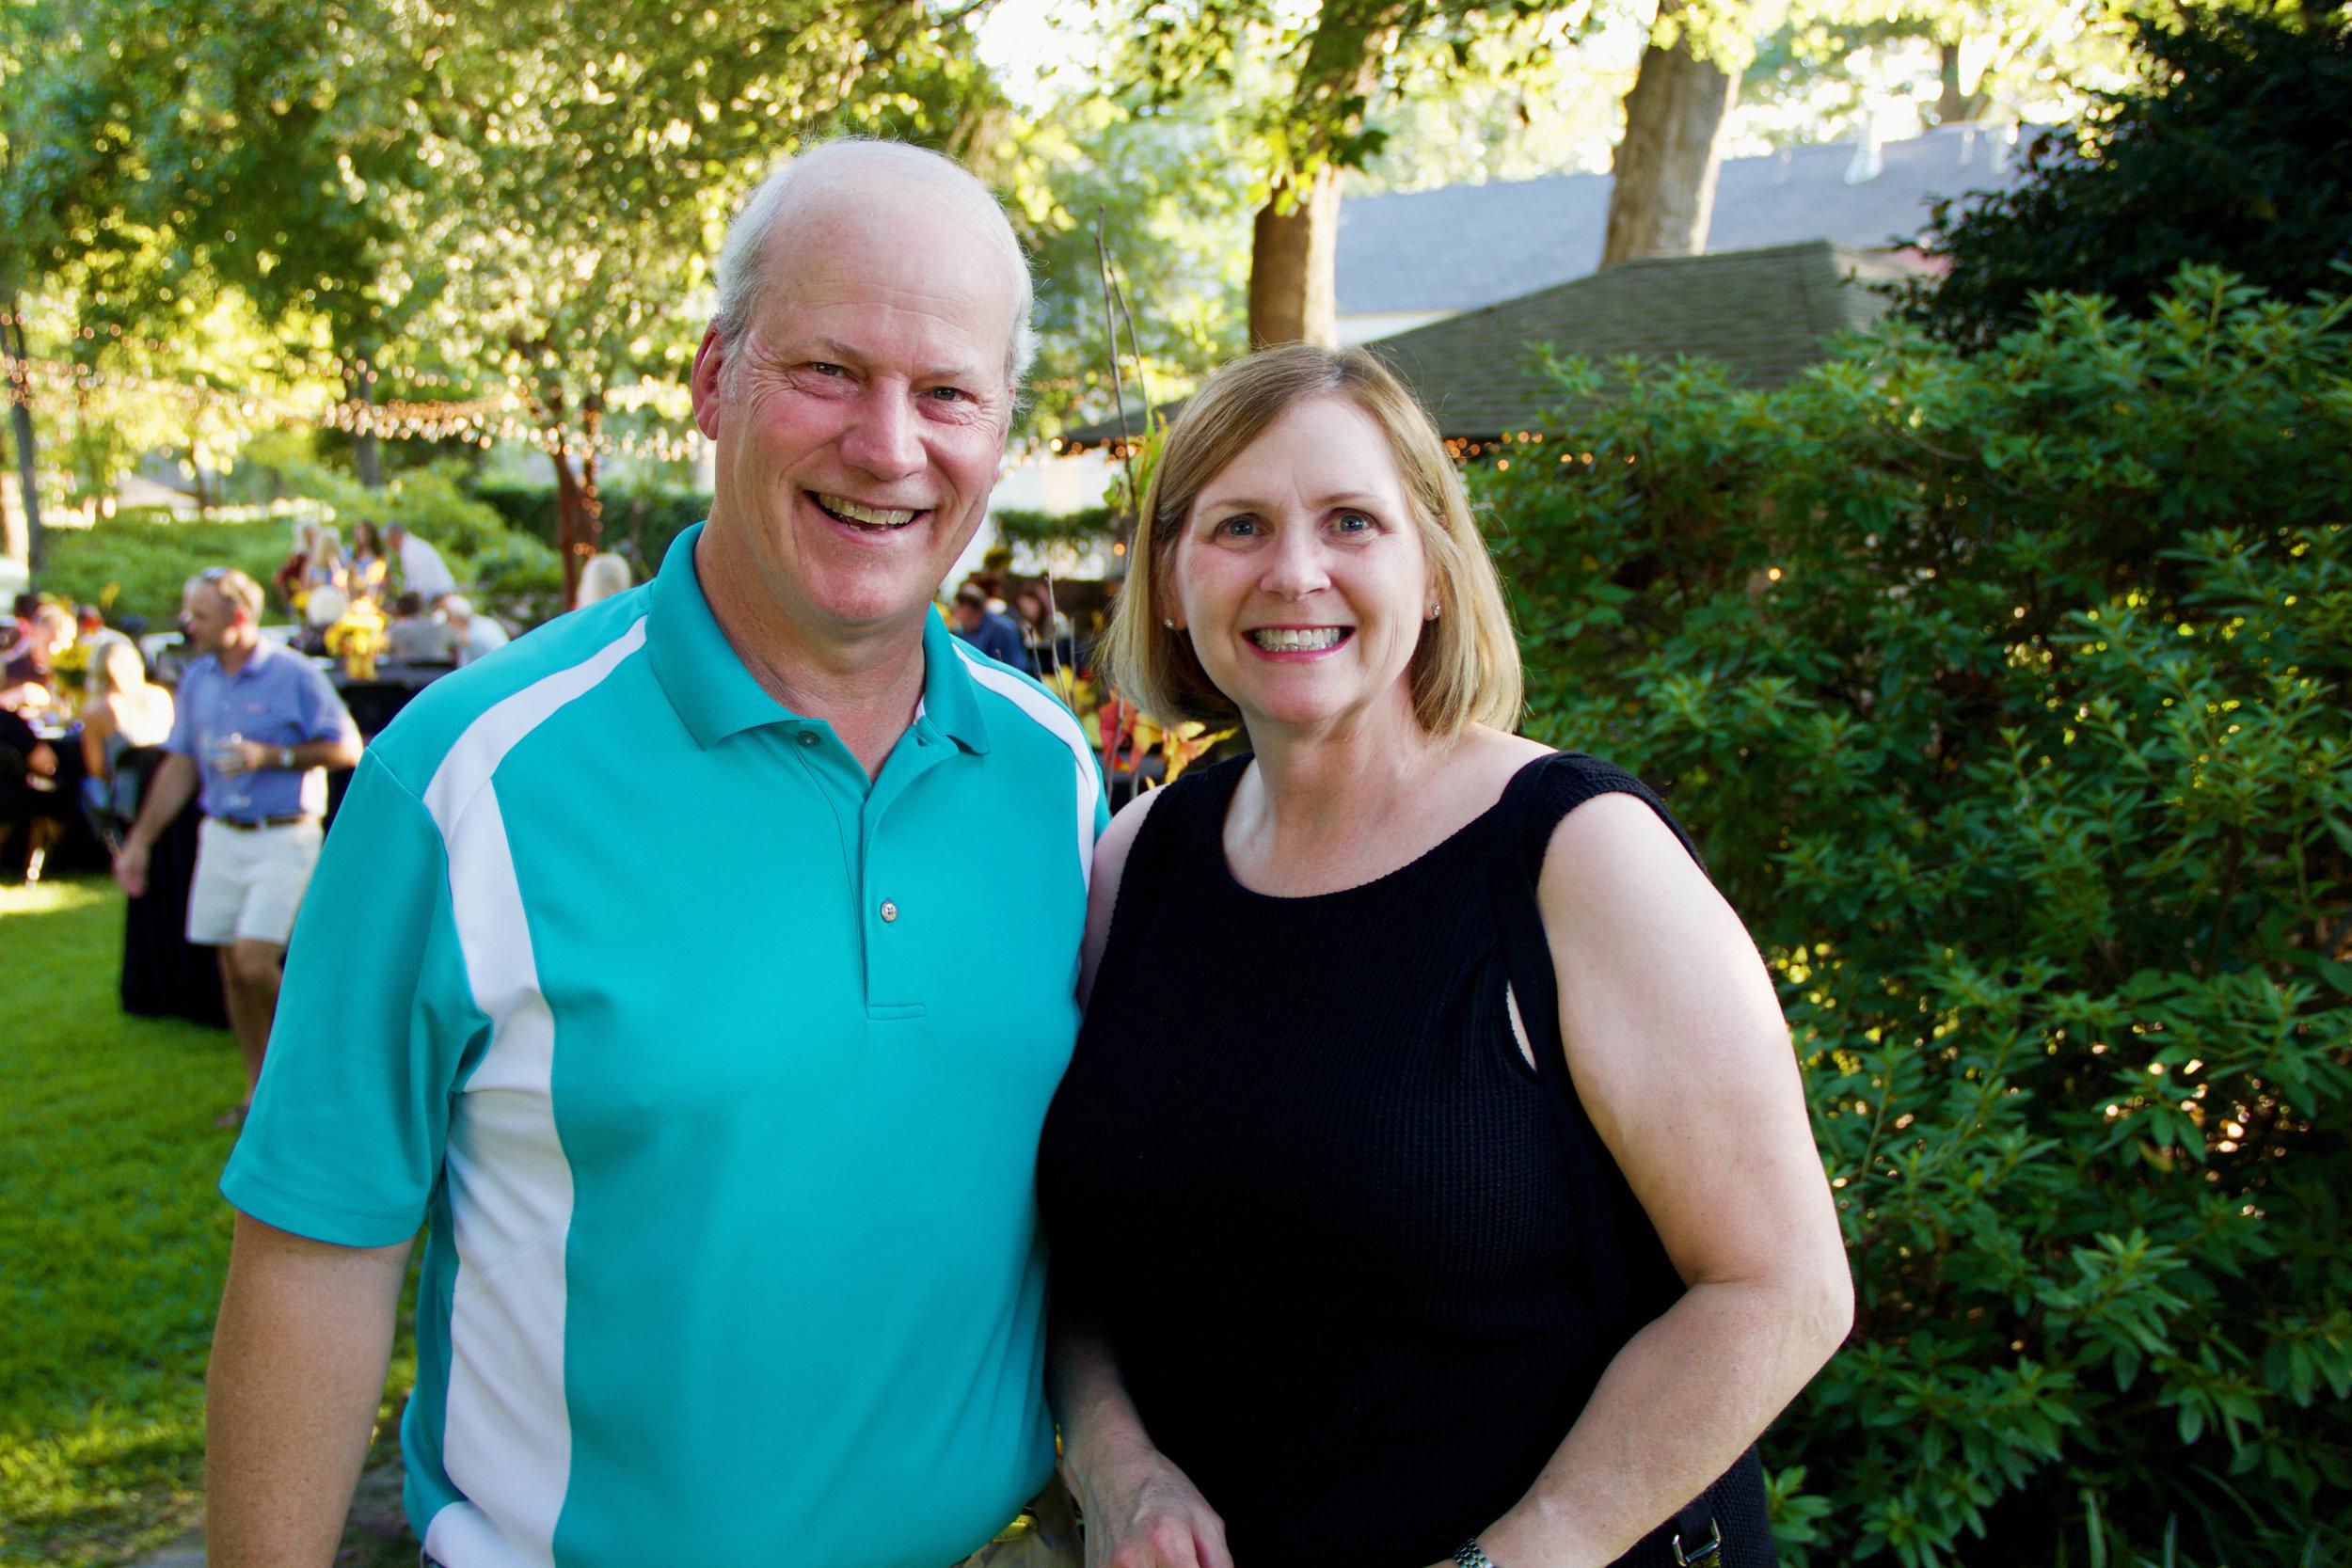 William Morriss and Jennifer Futtrell